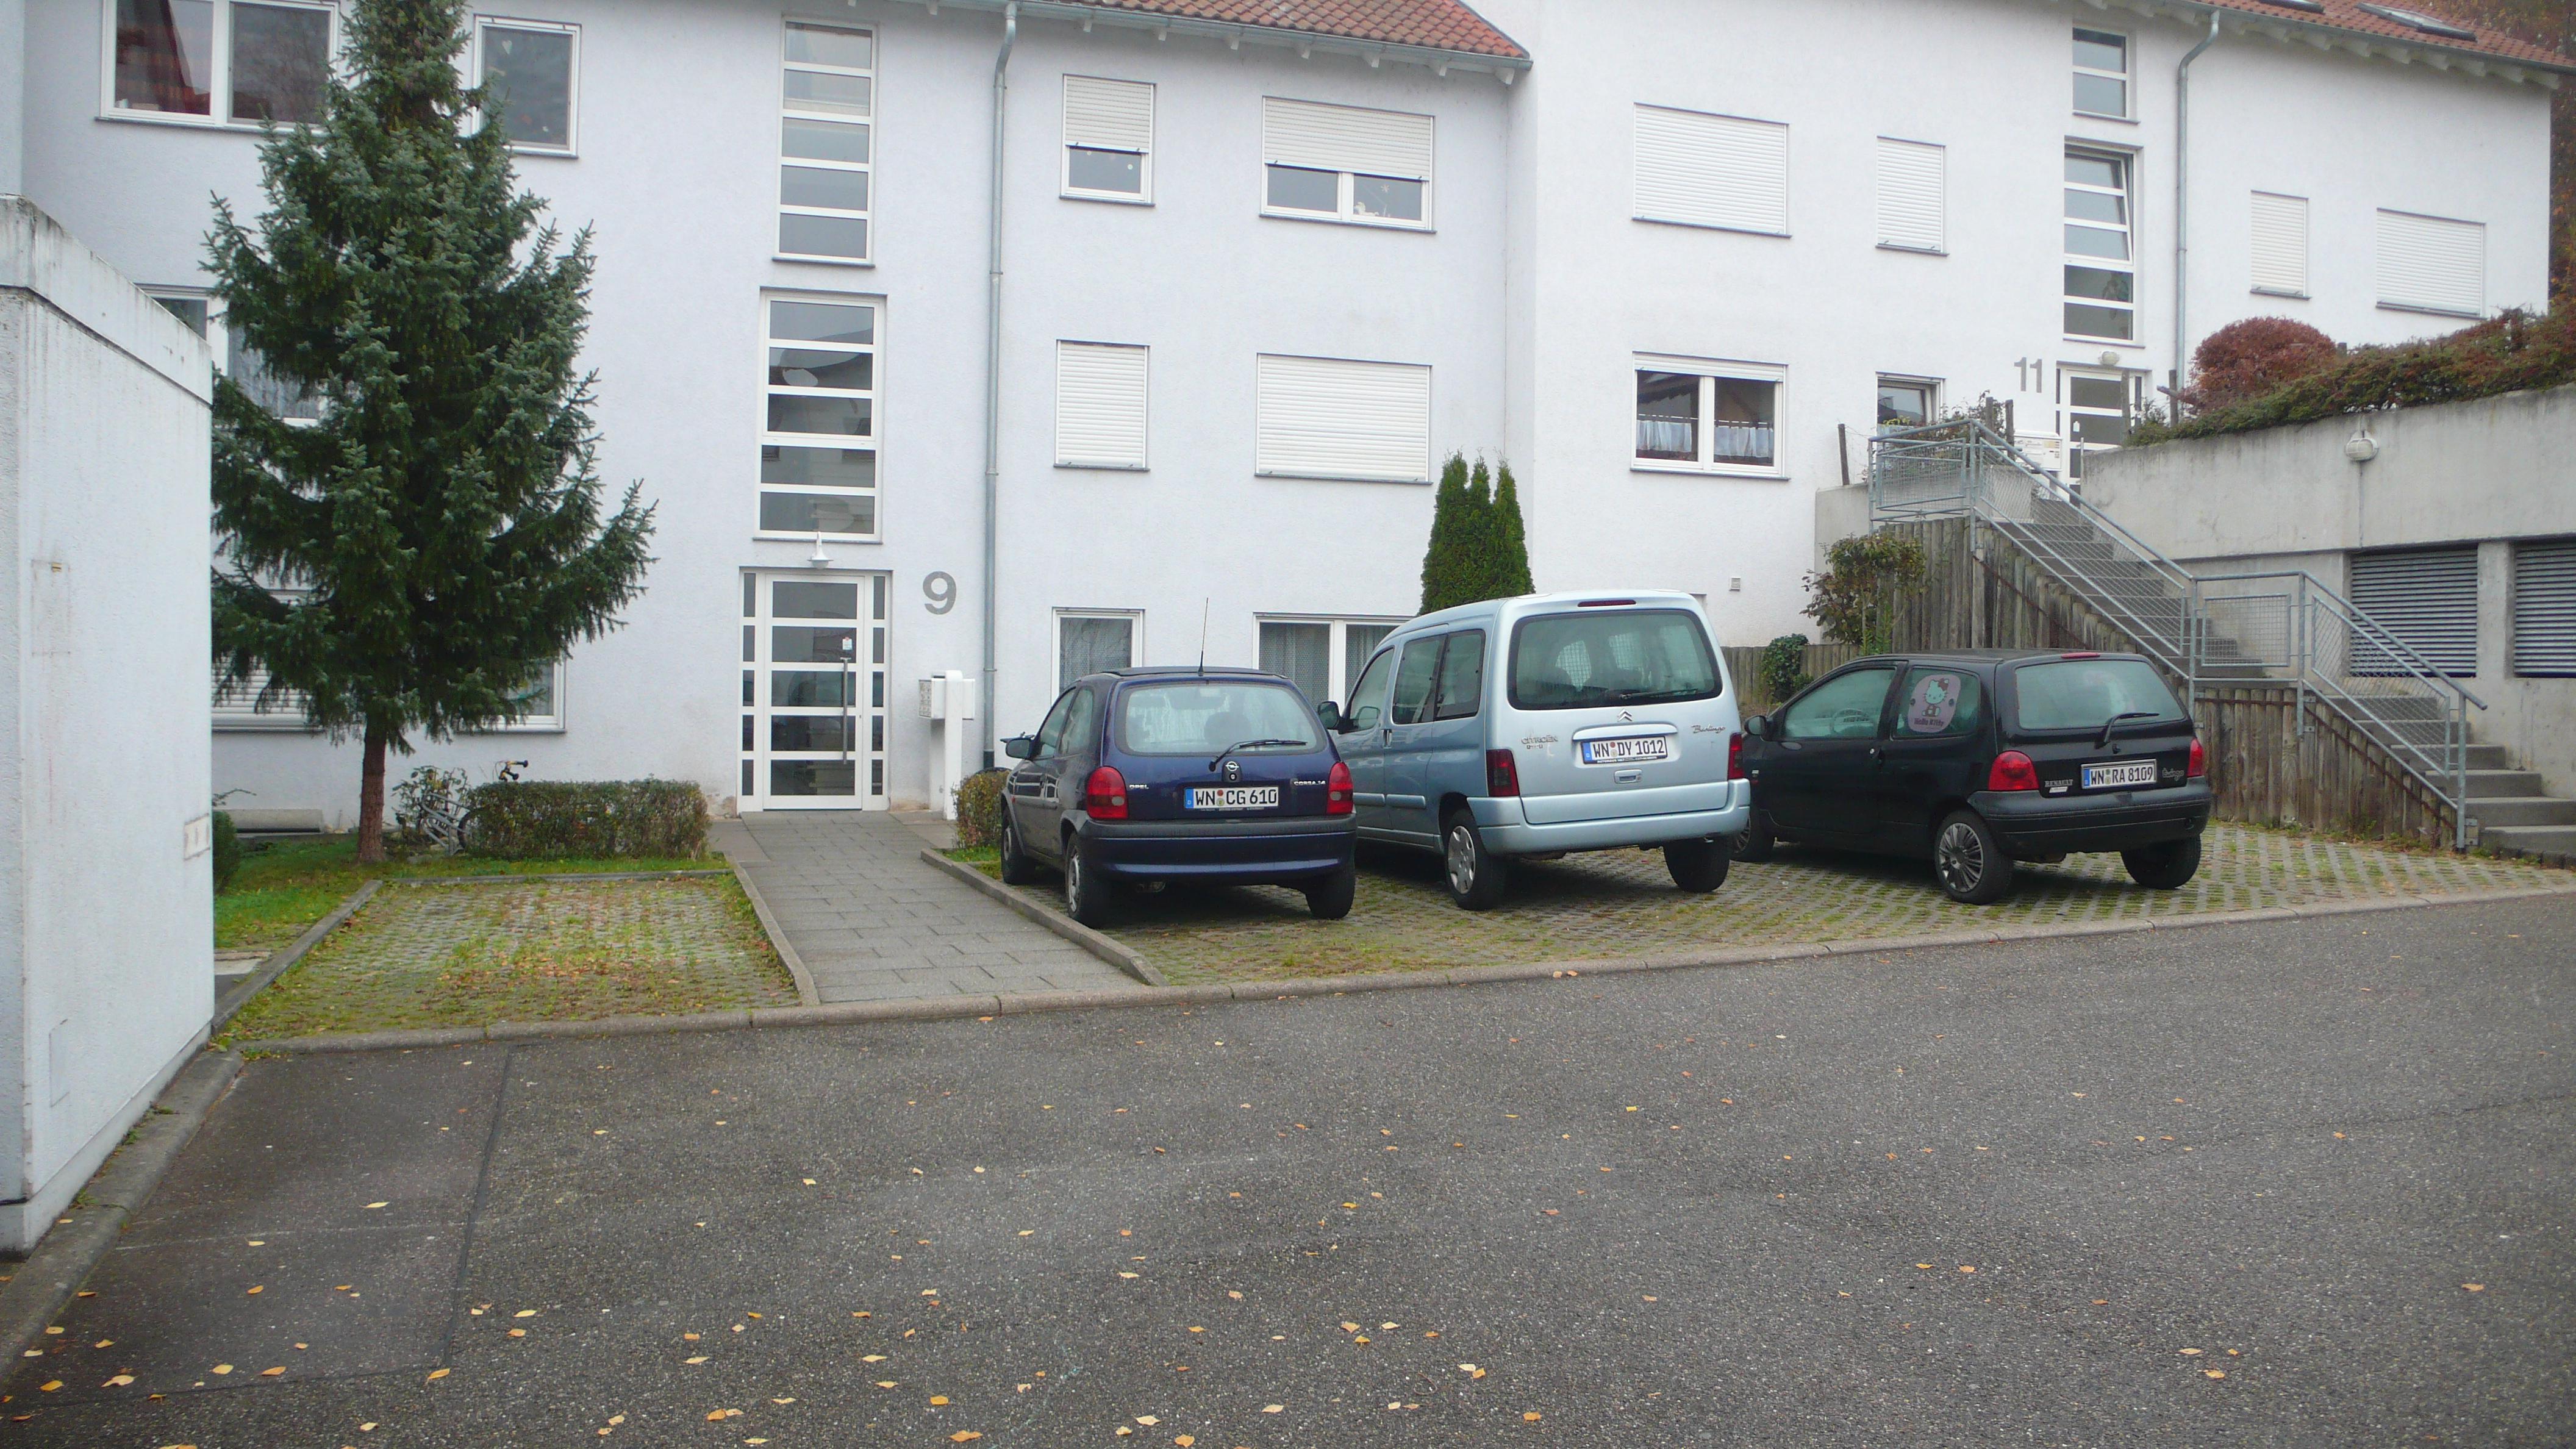 09.11.2011 Lumix 025 - Alle BGW-Häuser